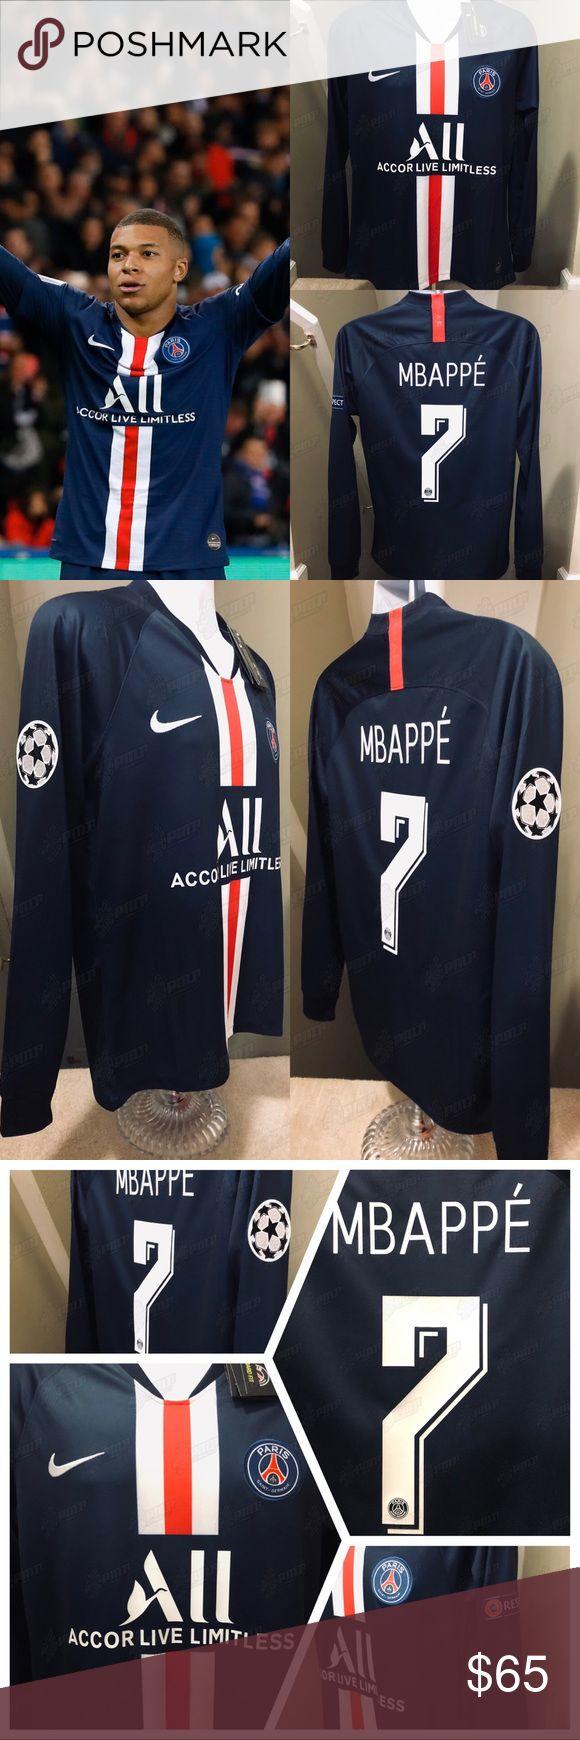 2019 PSG Soccer Jersey MBAPPÉ Paris SaintGermain Paris